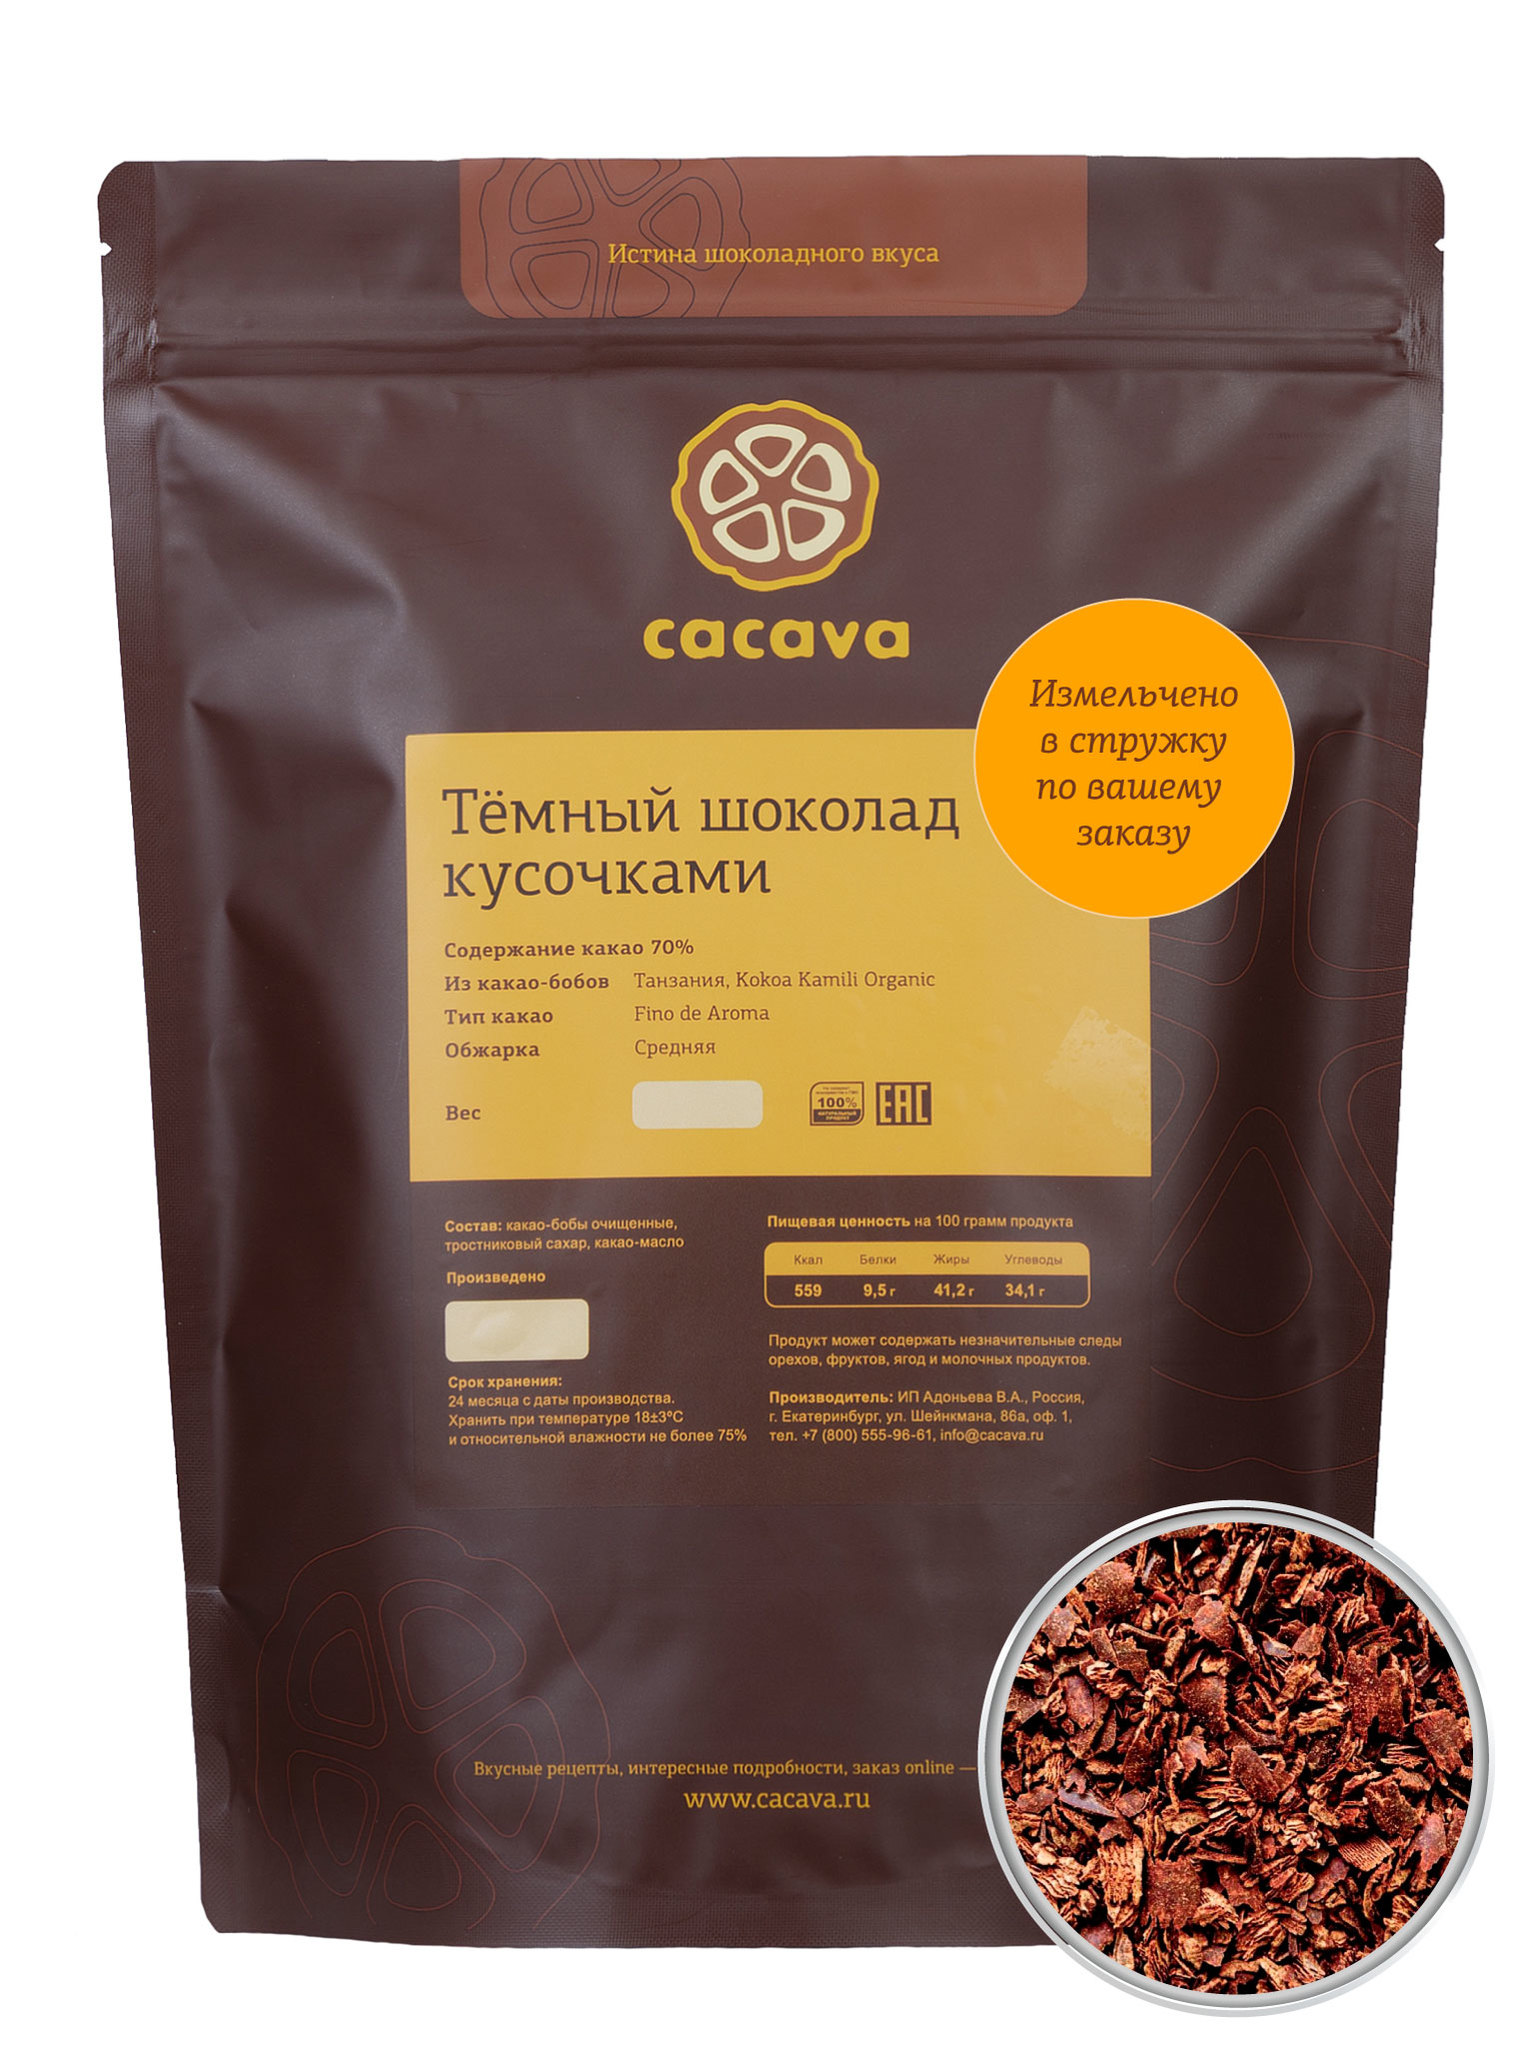 Тёмный шоколад 70 % какао в стружке (Танзания, Kokoa Kamili), упаковка 1 кг